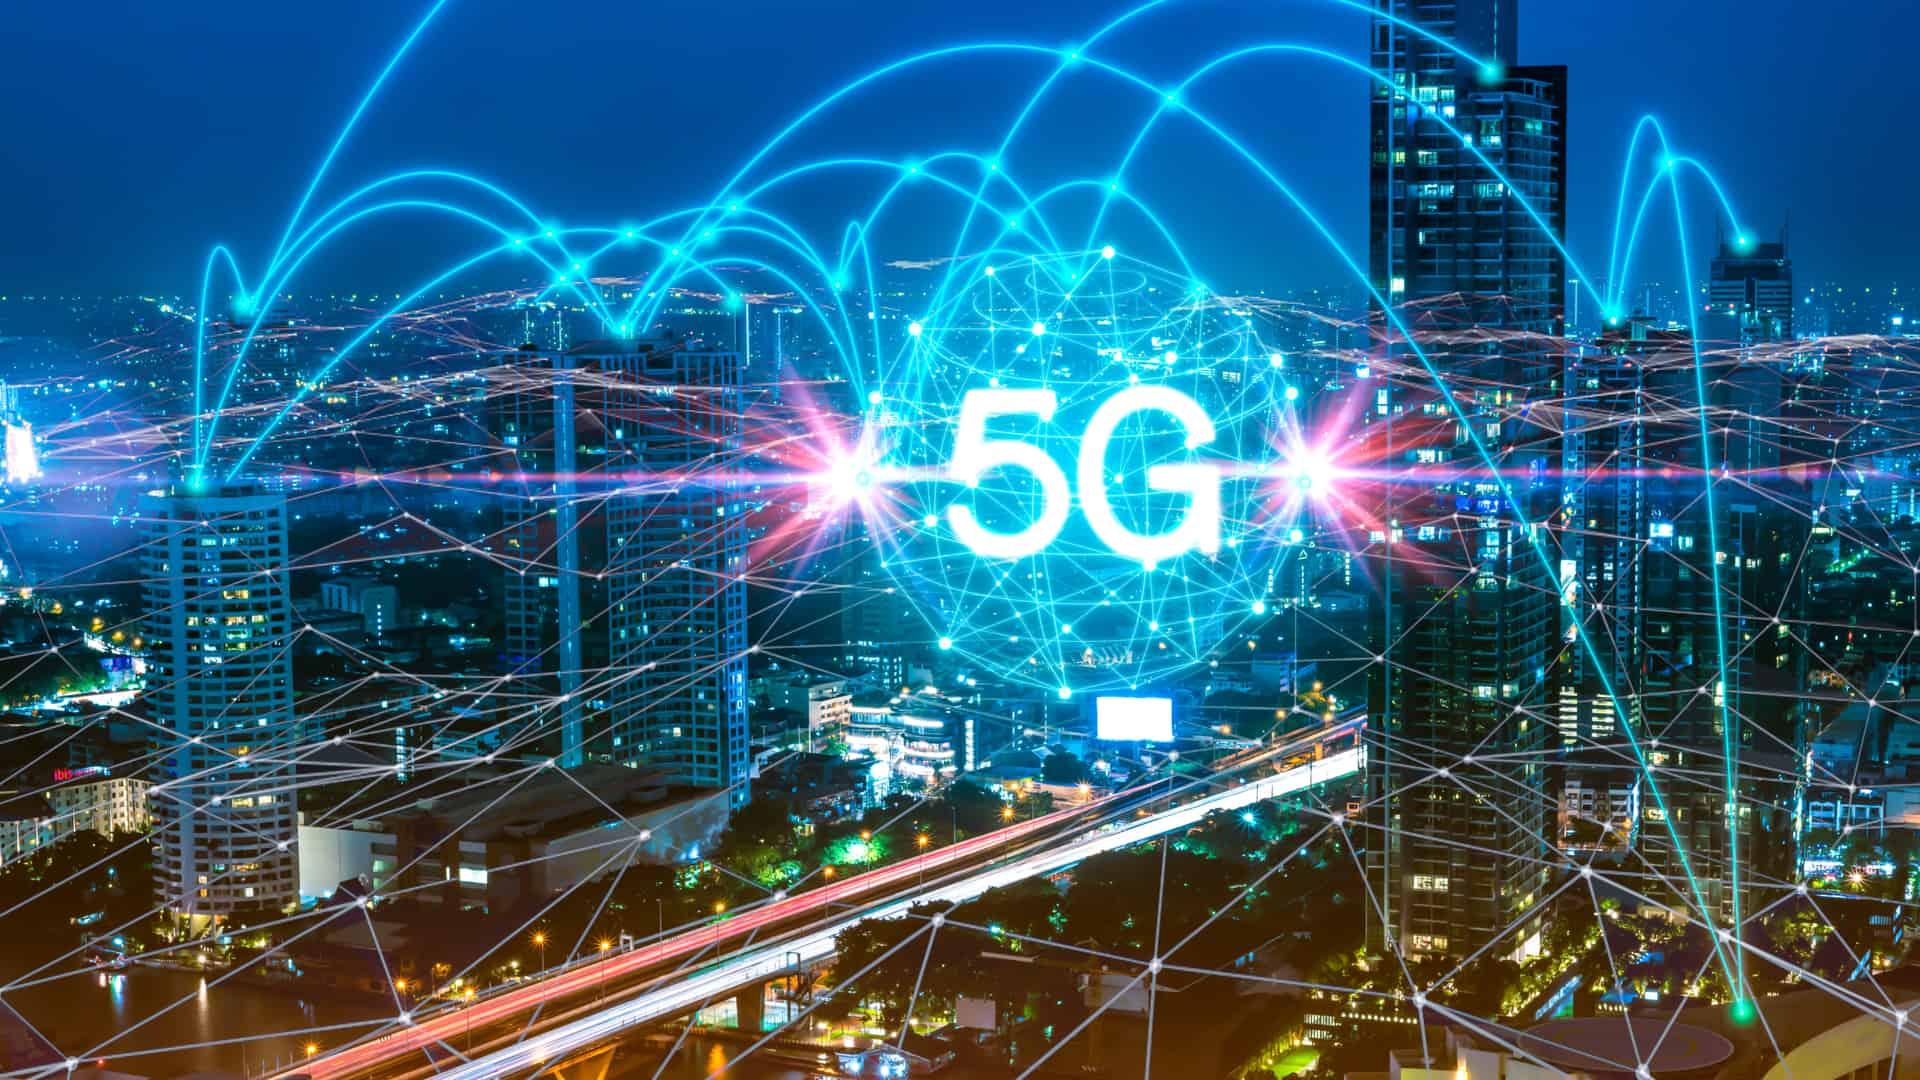 Xu hướng Iot, 5G, thành phố thông minh trong năm 2021 5